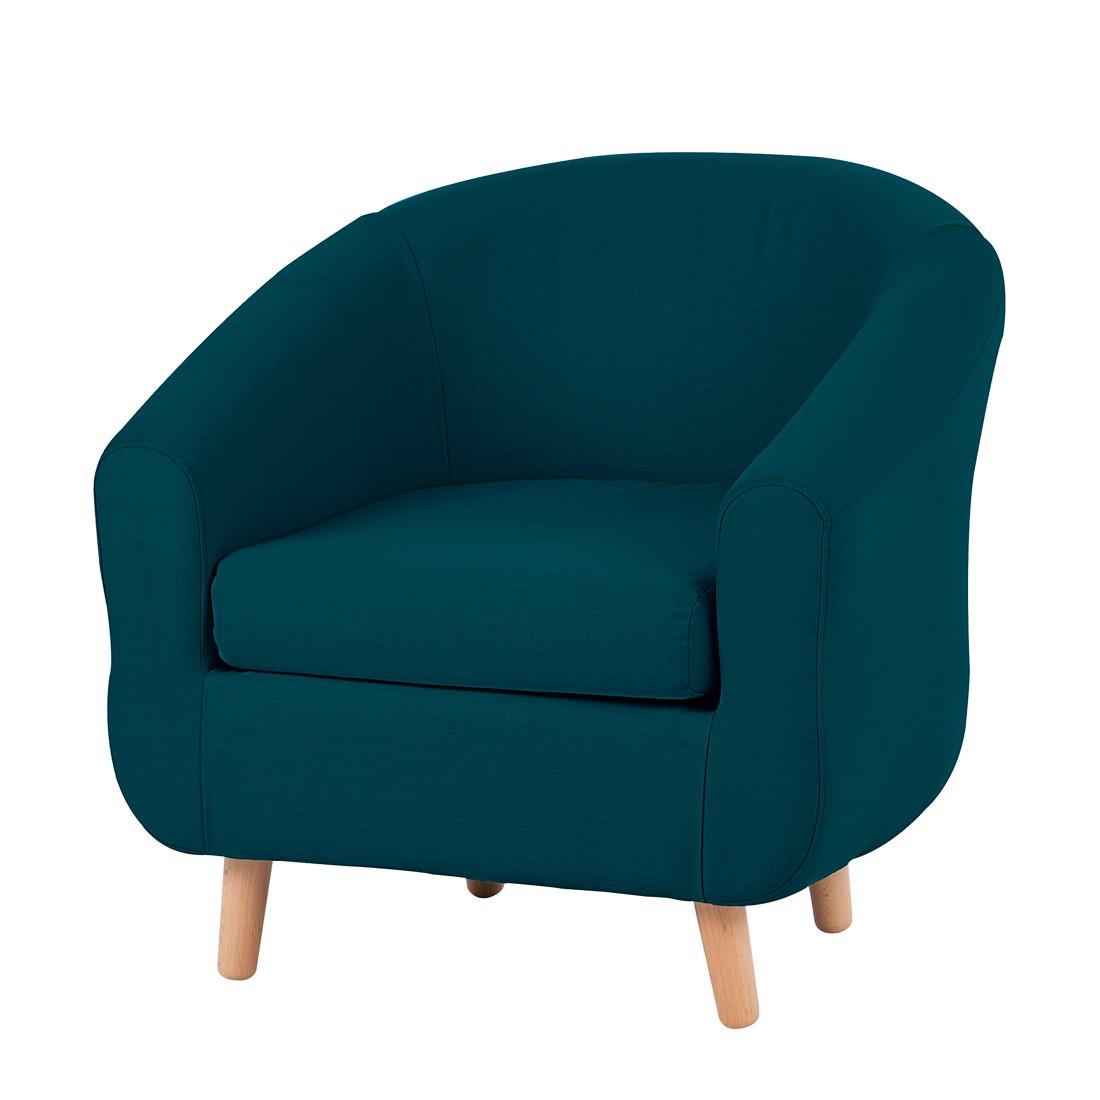 Fauteuil Little - Tissu bleu / vert, mooved